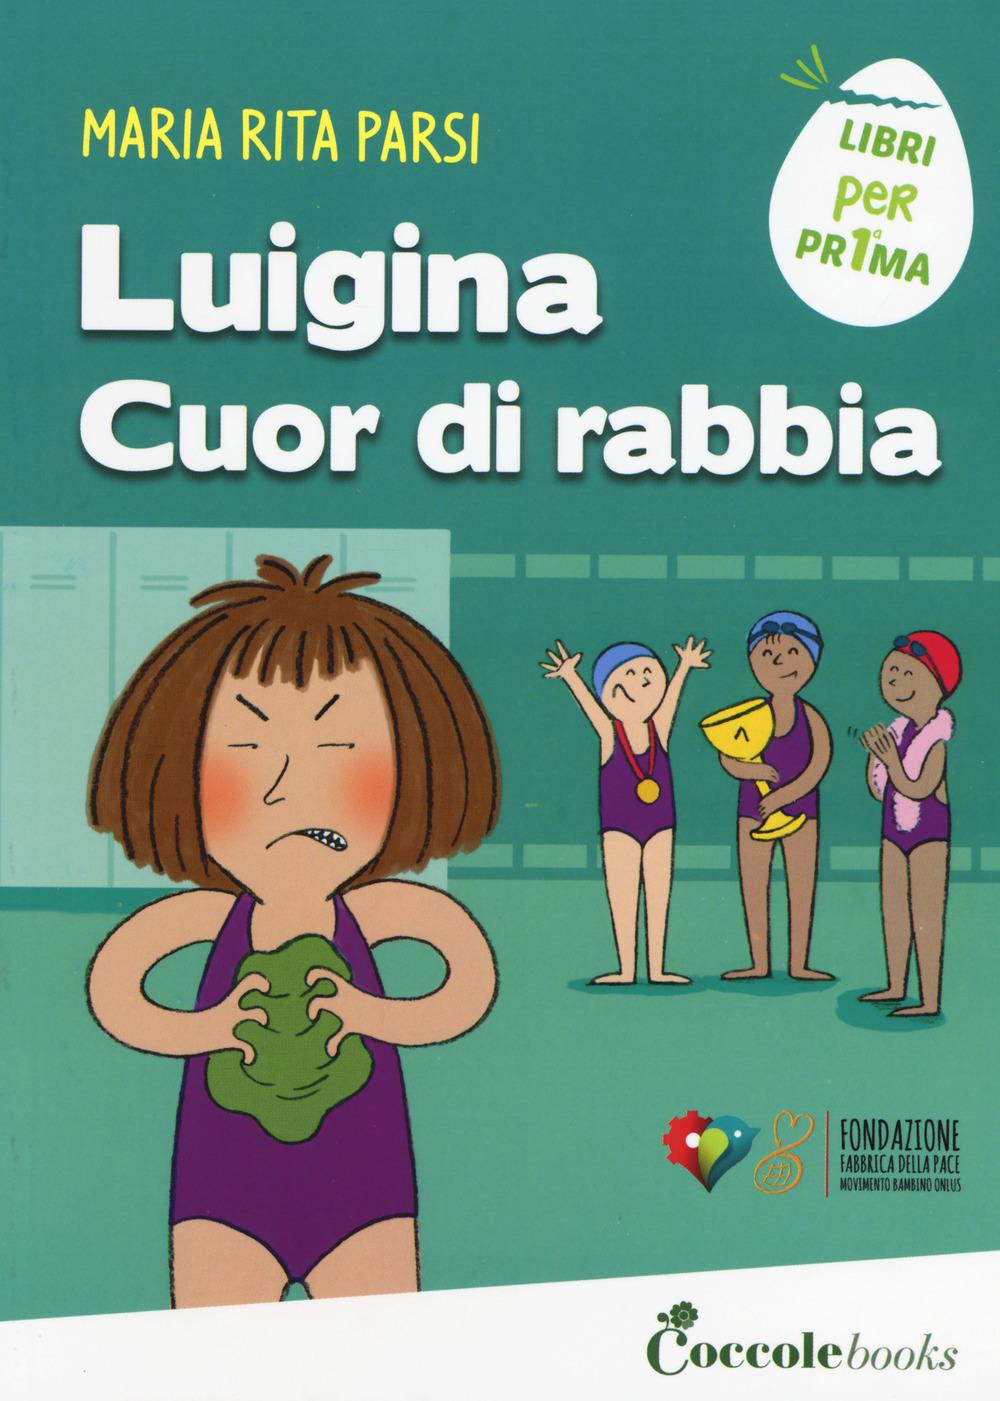 LUIGINA CUOR DI RABBIA - MARIA RITA PARSI - 9788898346721